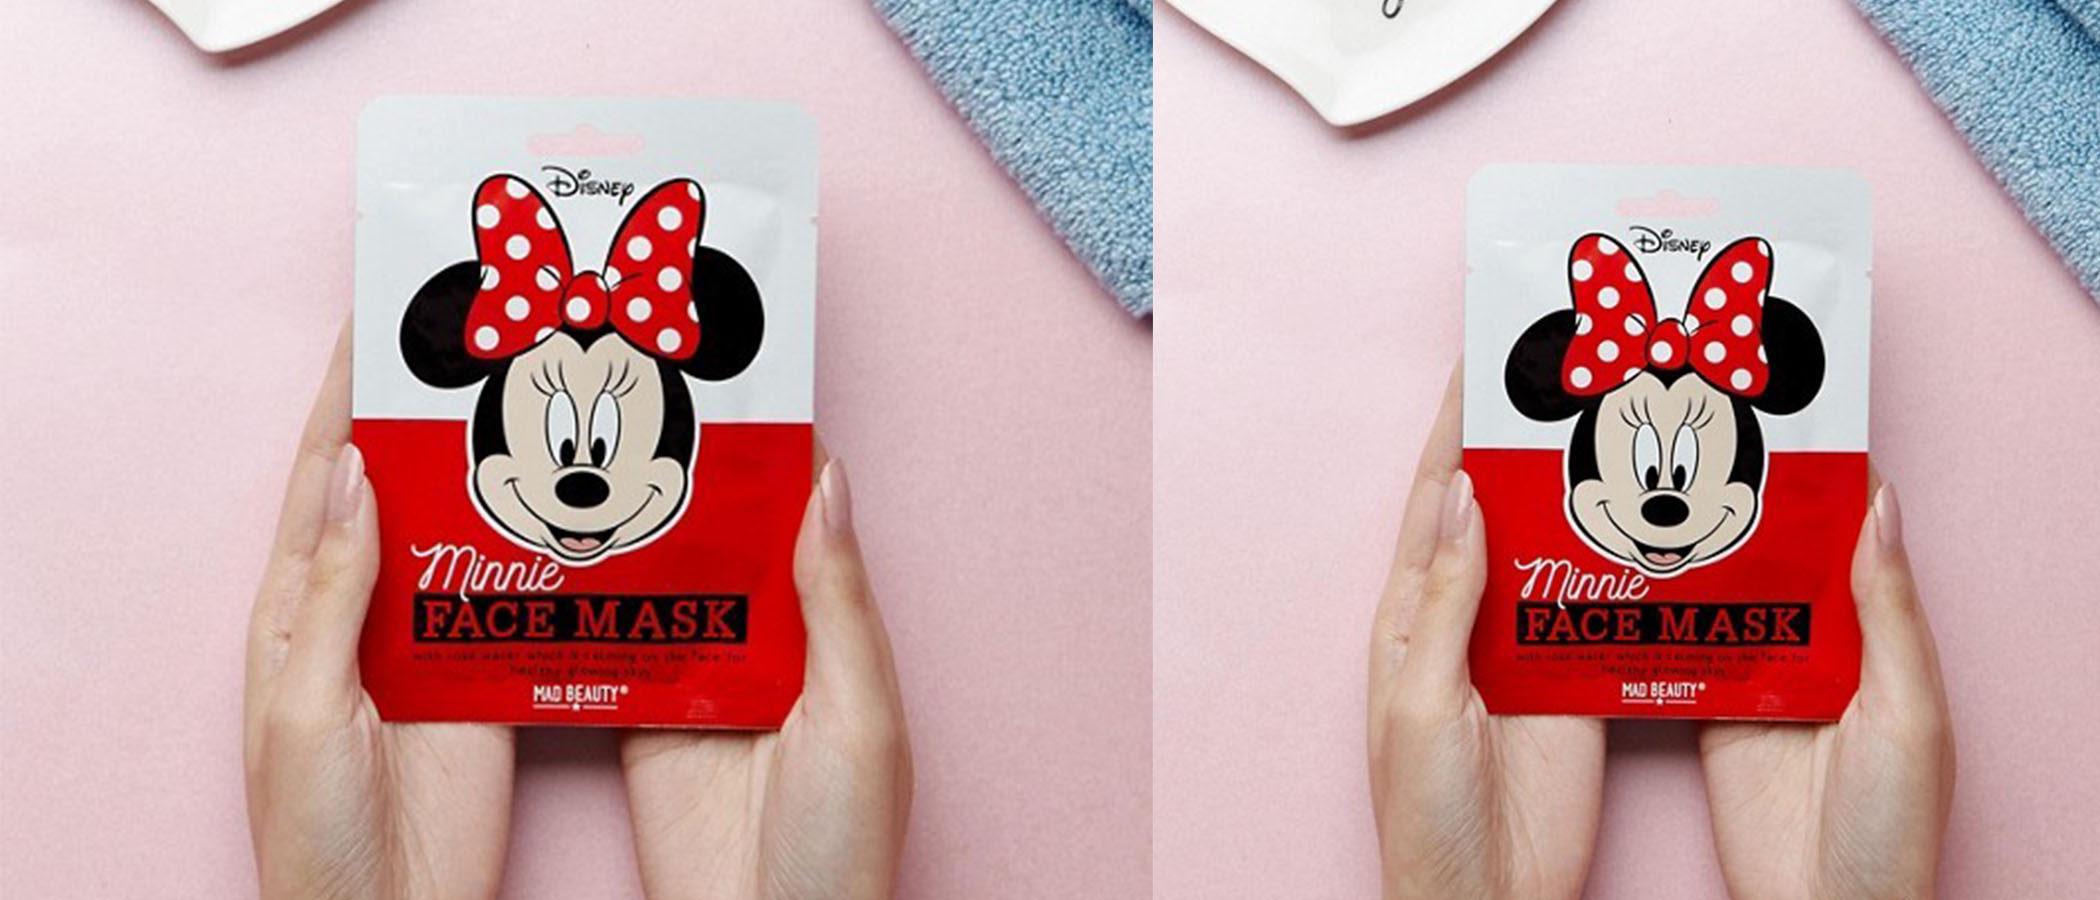 Asos y Mad Beauty lanzan unas mascarillas faciales para los amantes de Minnie Mouse